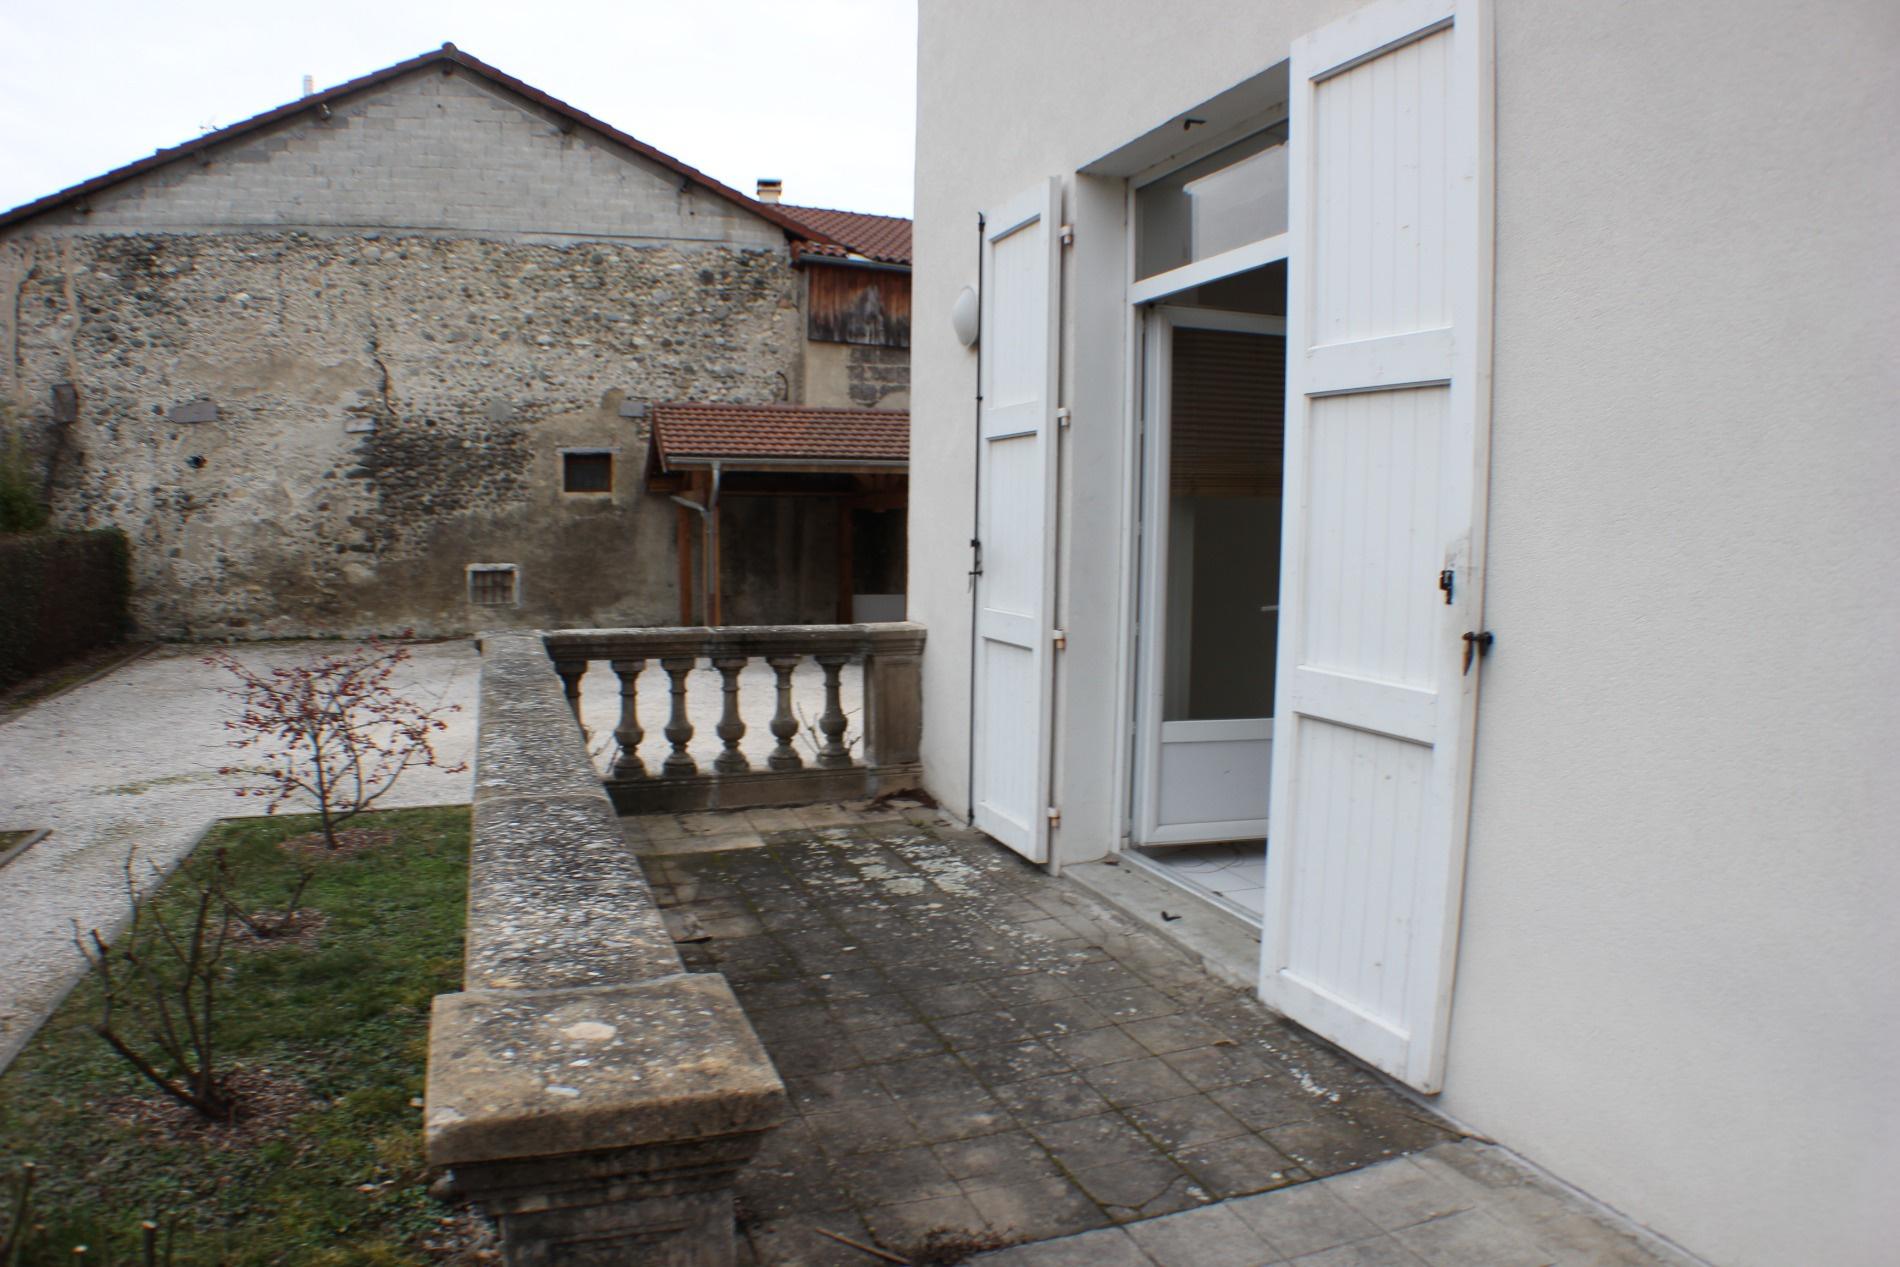 Vente eybens dans maison bourgeoise appartement en duplex for Appartement dans maison